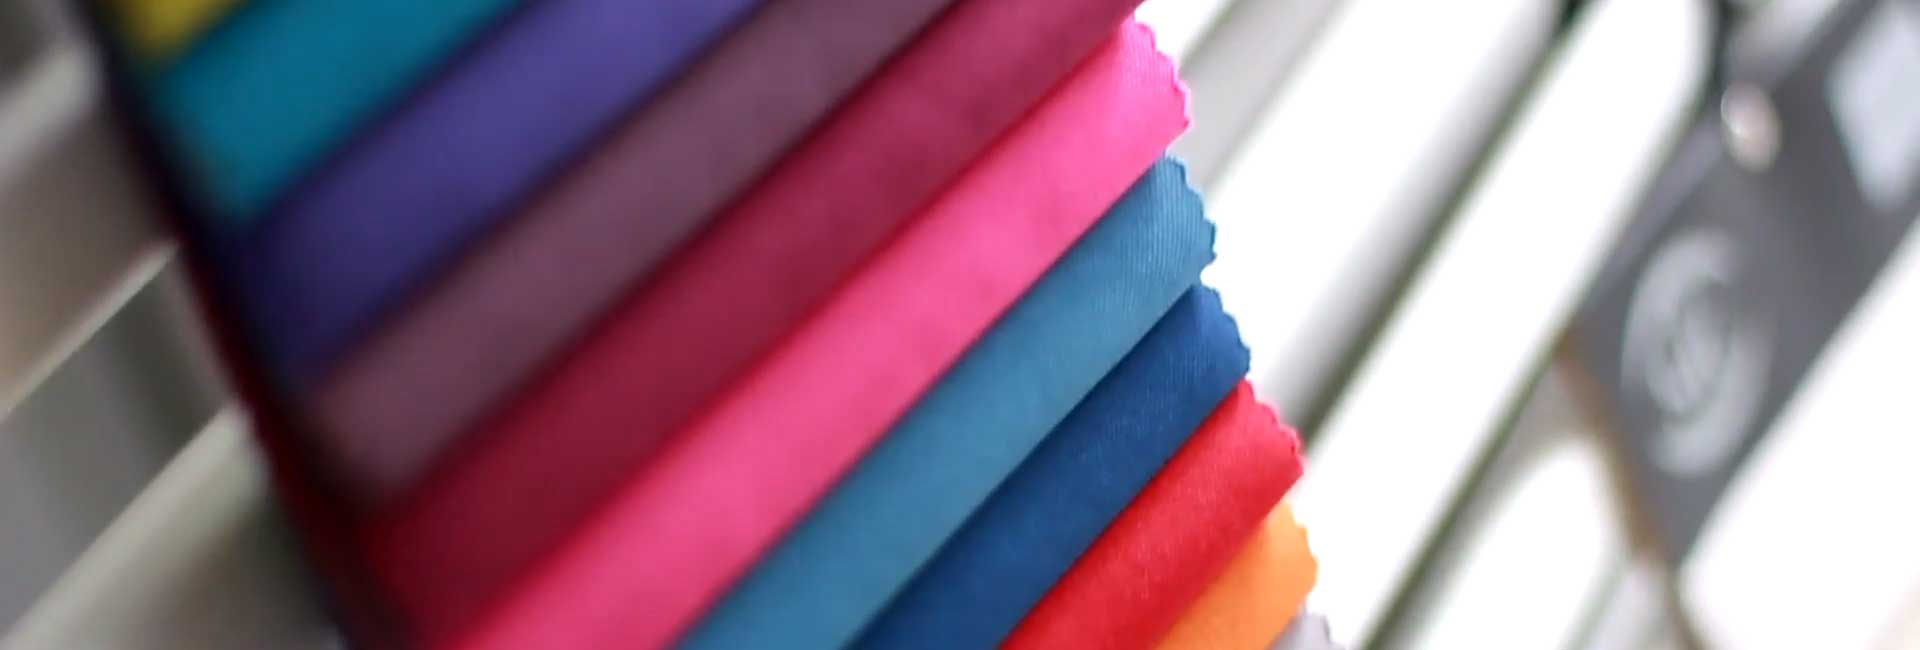 Come scegliere il tessuto per il Divano.  Idee e consigli per non sbagliare!